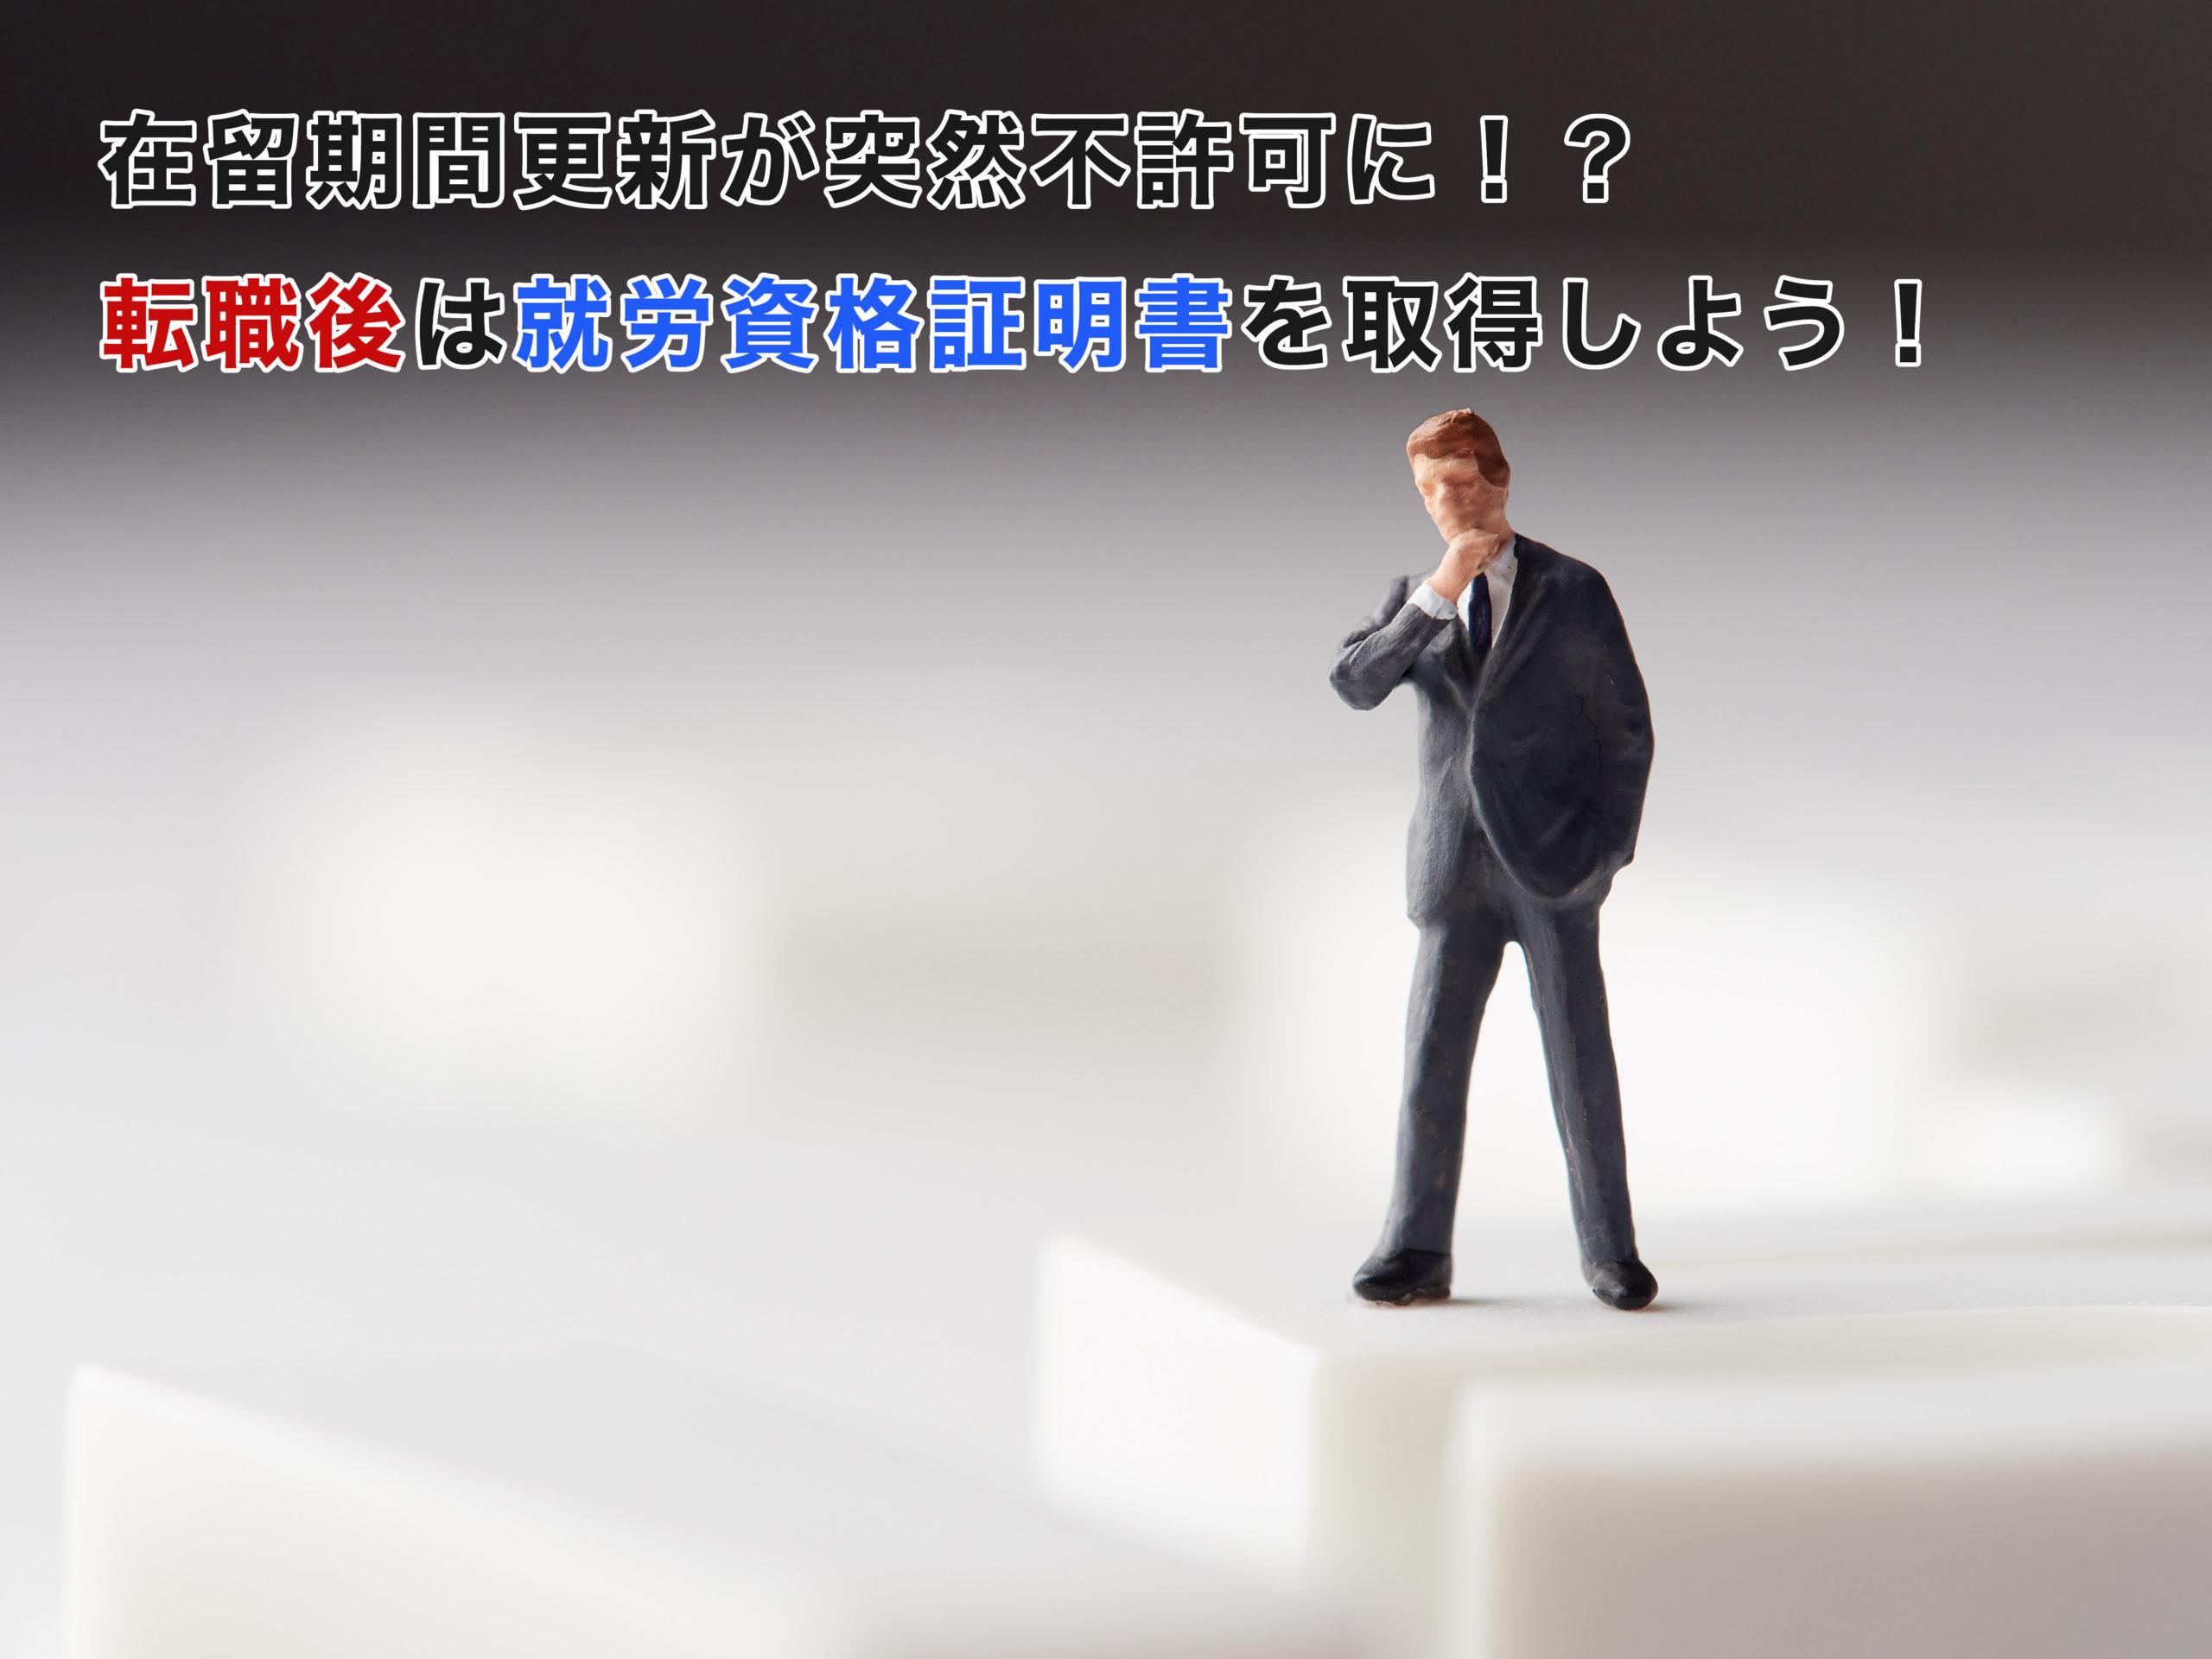 【静岡県の行政書士】在留期間更新が不許可に!?就労資格証明書交付申請をしよう!